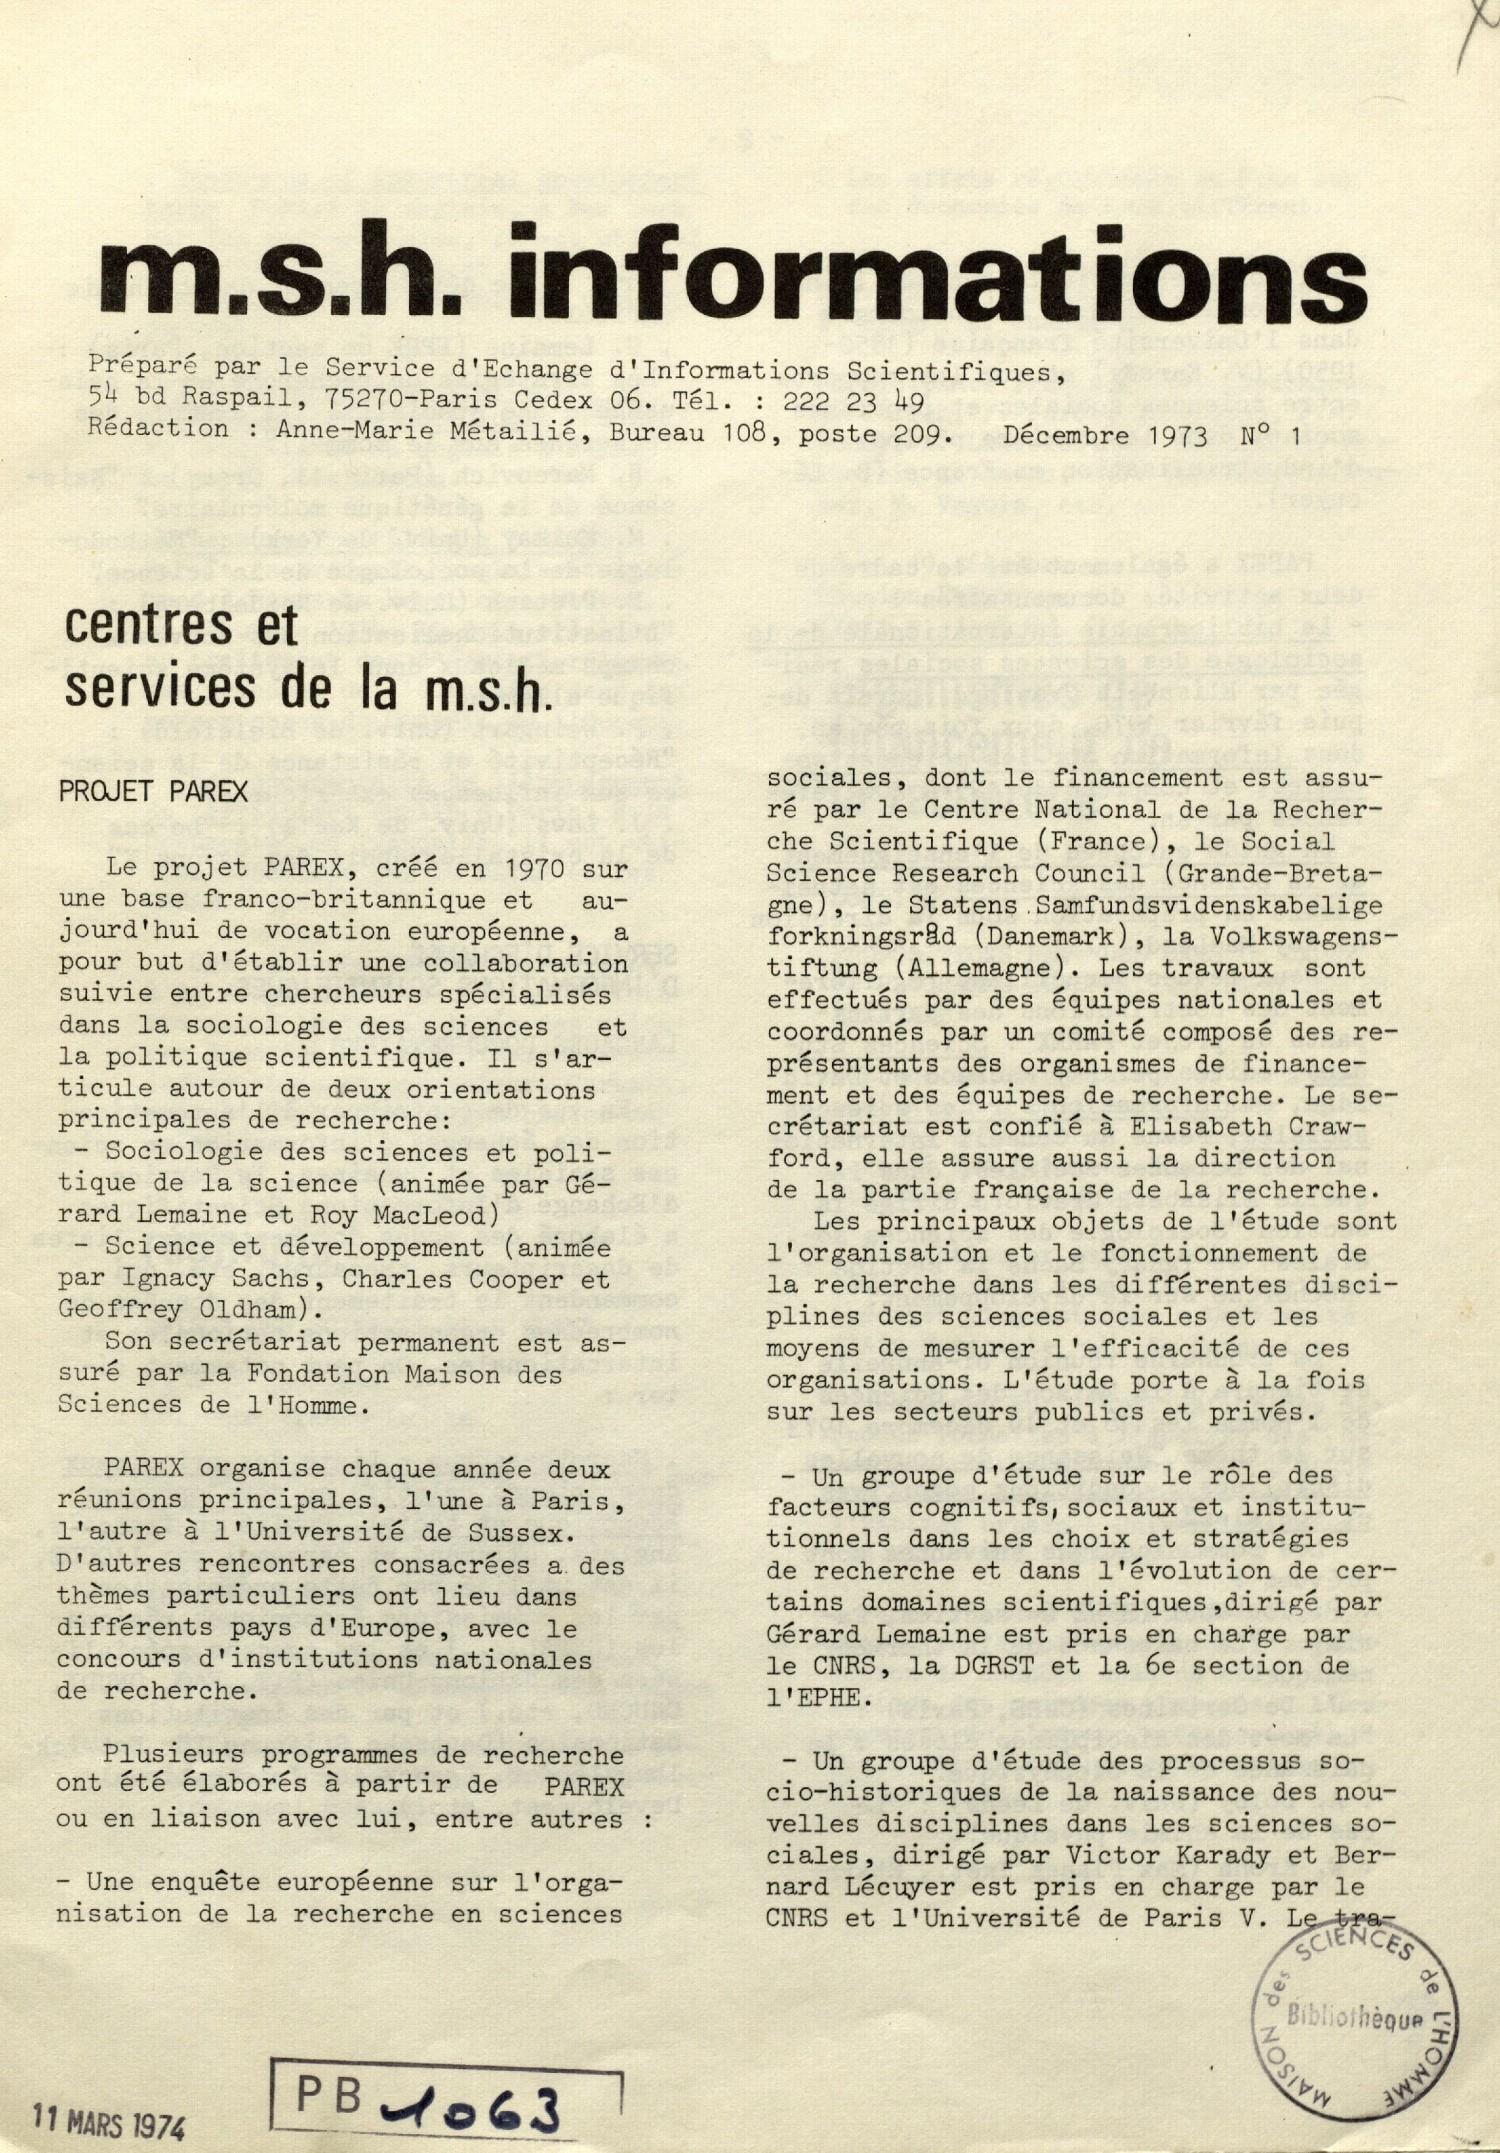 MSH-Informations, n°1, décembre 1973